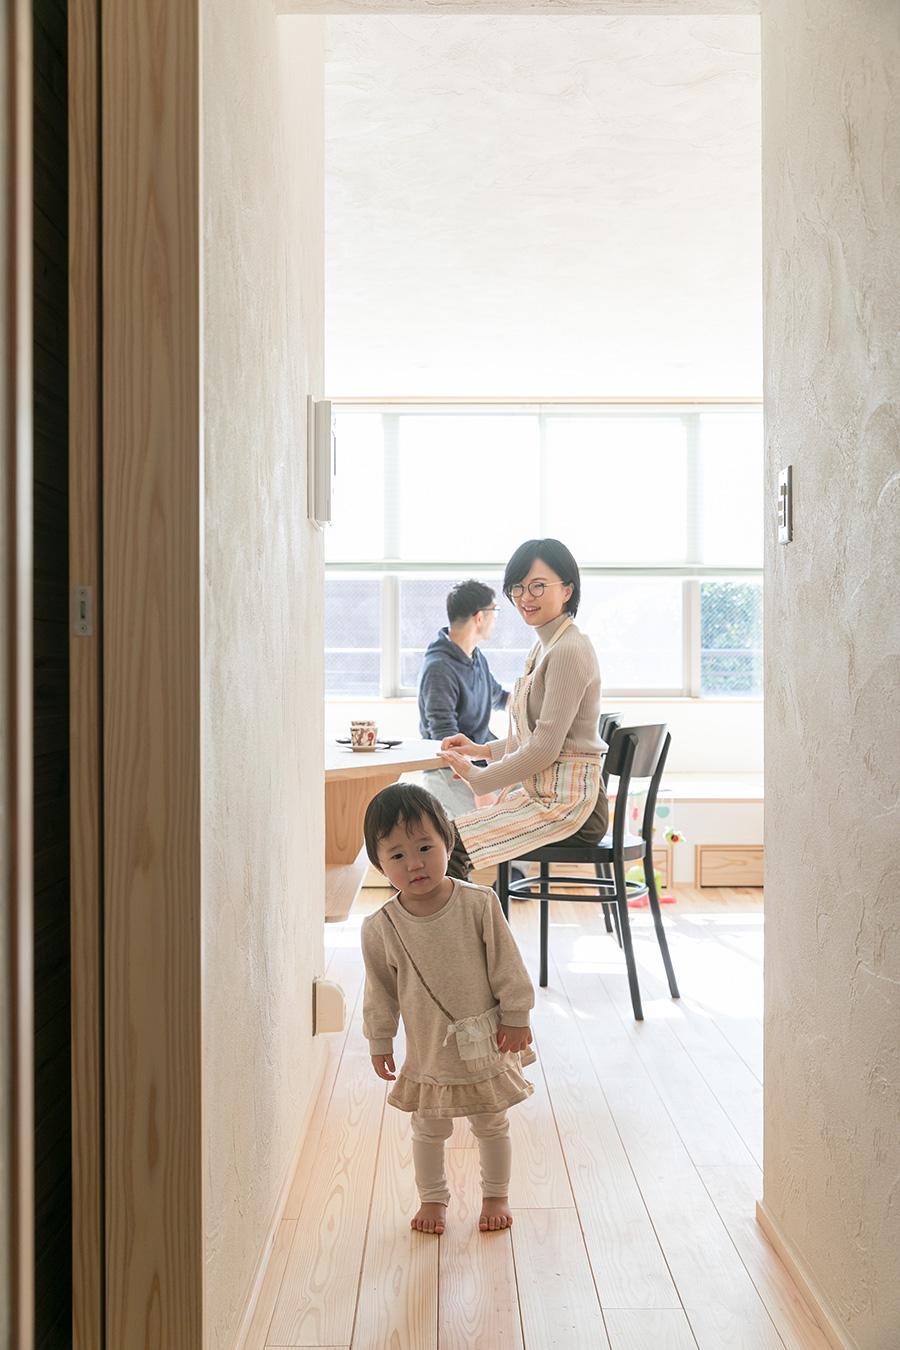 娘のあみなちゃんがお出迎え。ミツロウワックスのみが塗られた無垢材の床は、木の風合いそのままで気持ちいい。